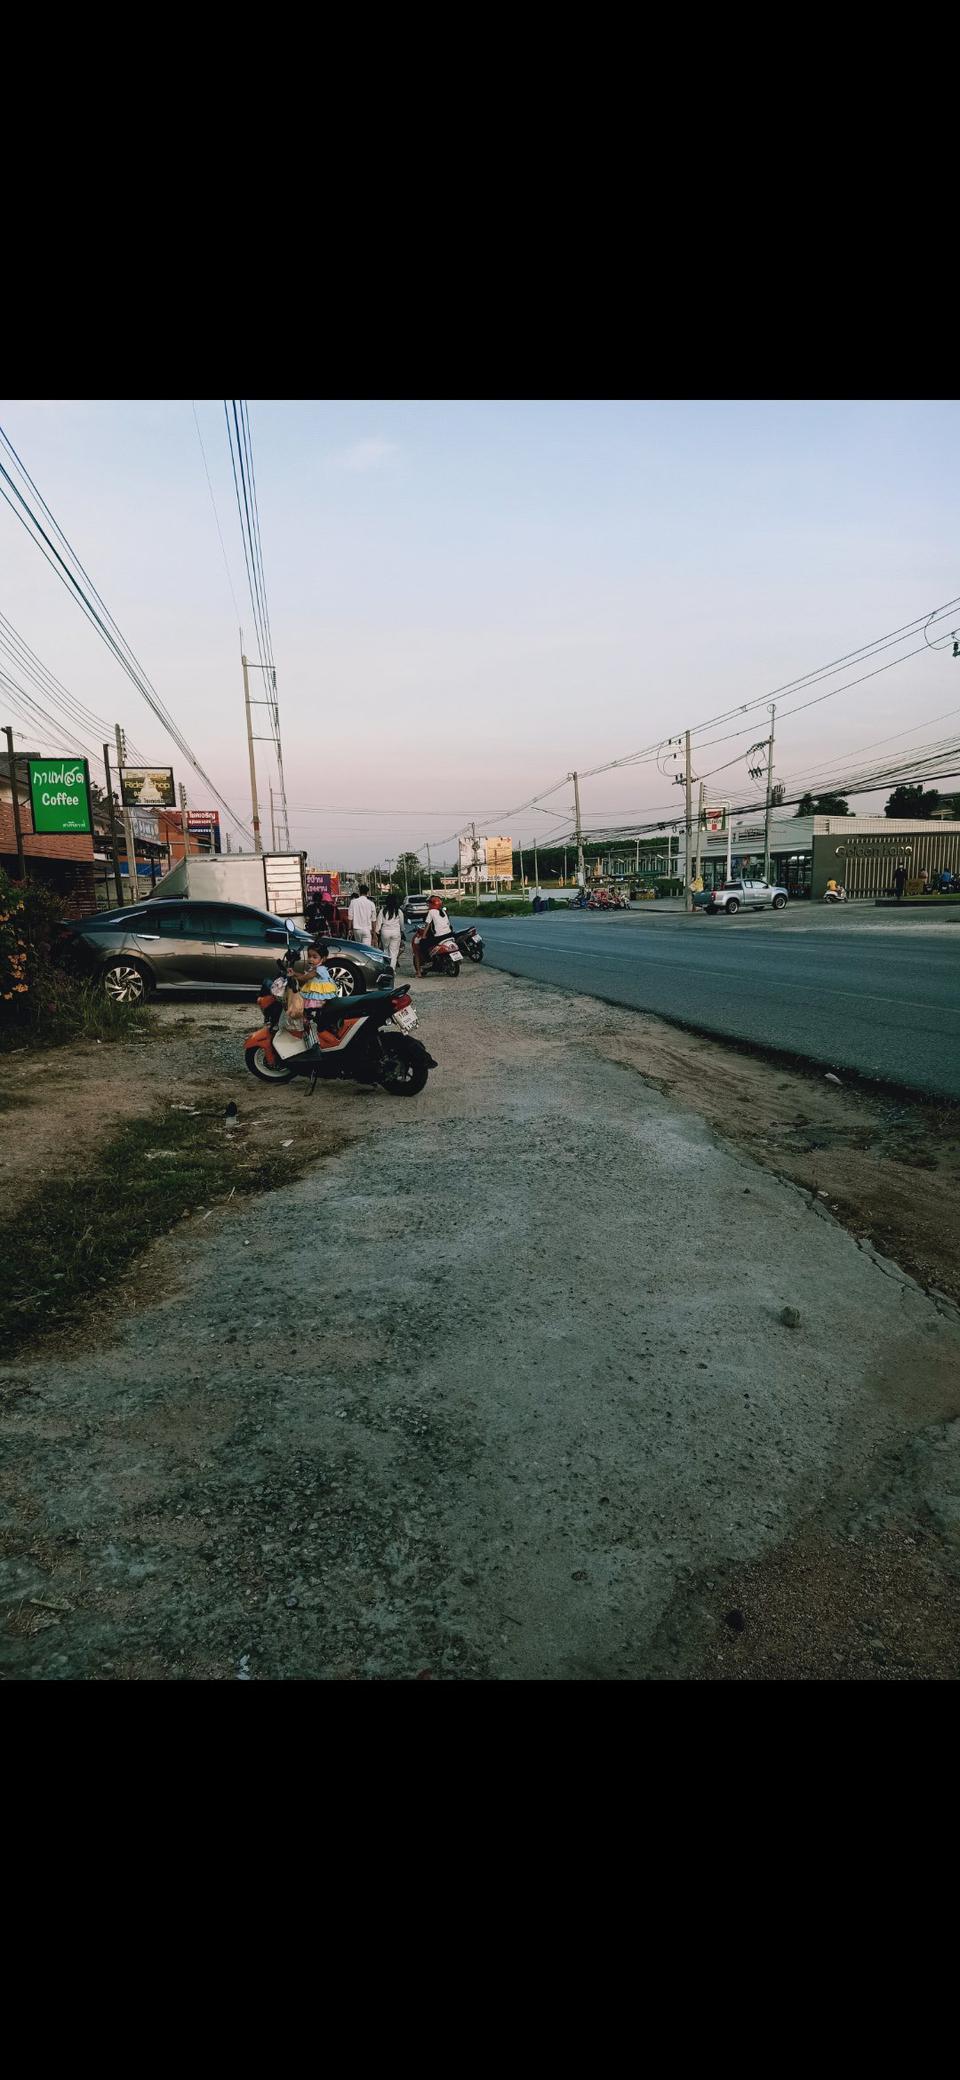 ทาวโฮมหมู่บ้านล้านนาวินเลจ รูปที่ 2